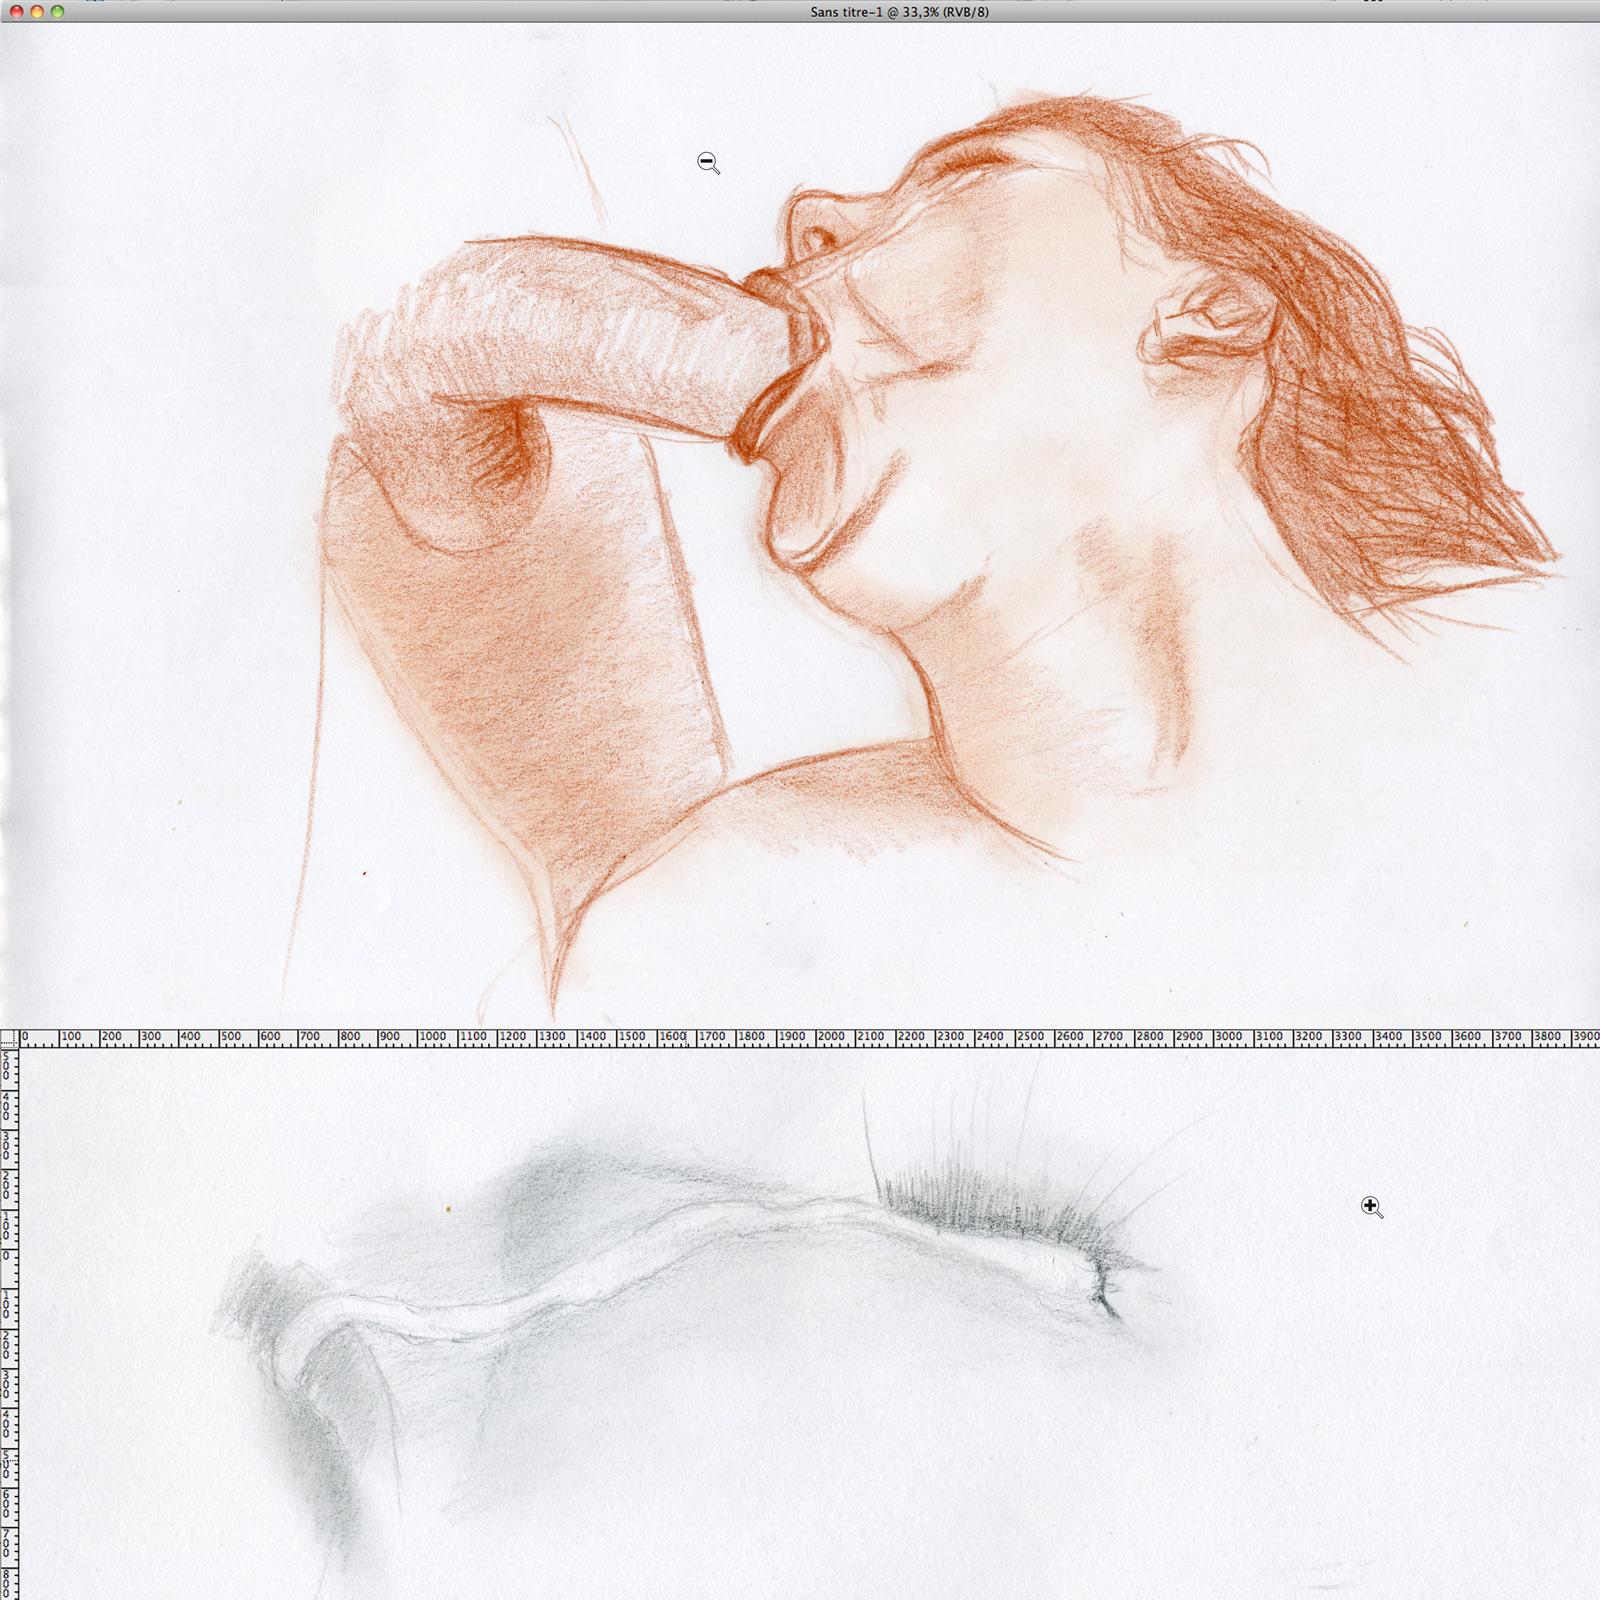 dessin animé porno escort douai